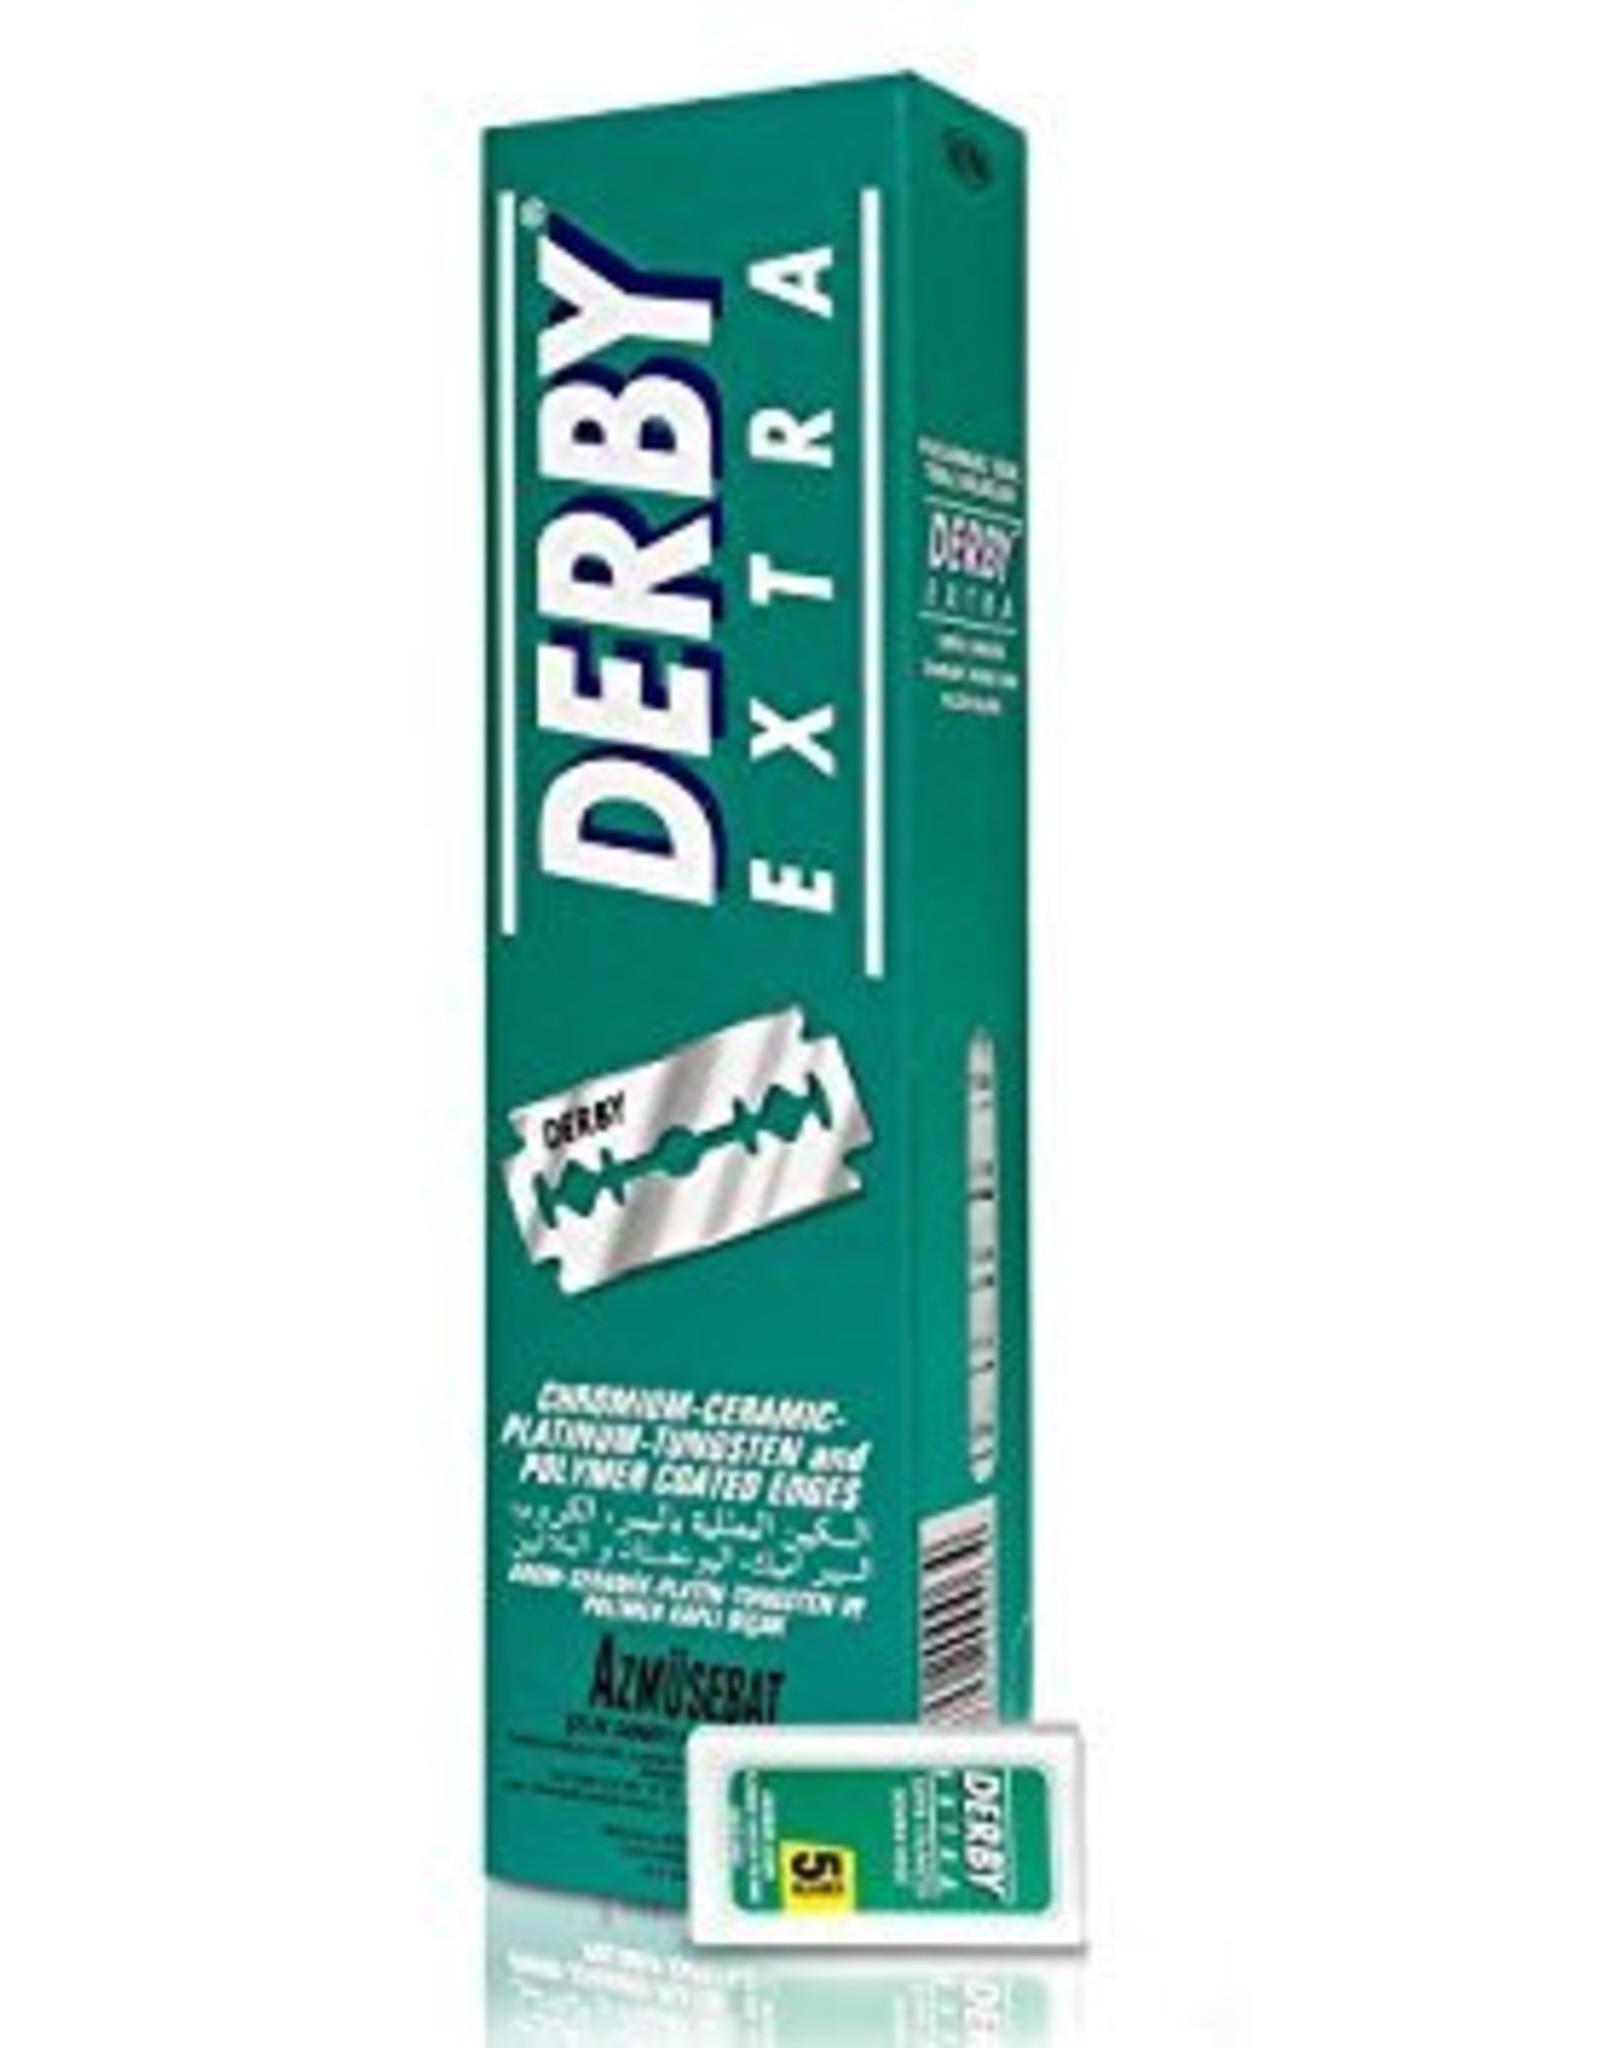 Derby Extra blades